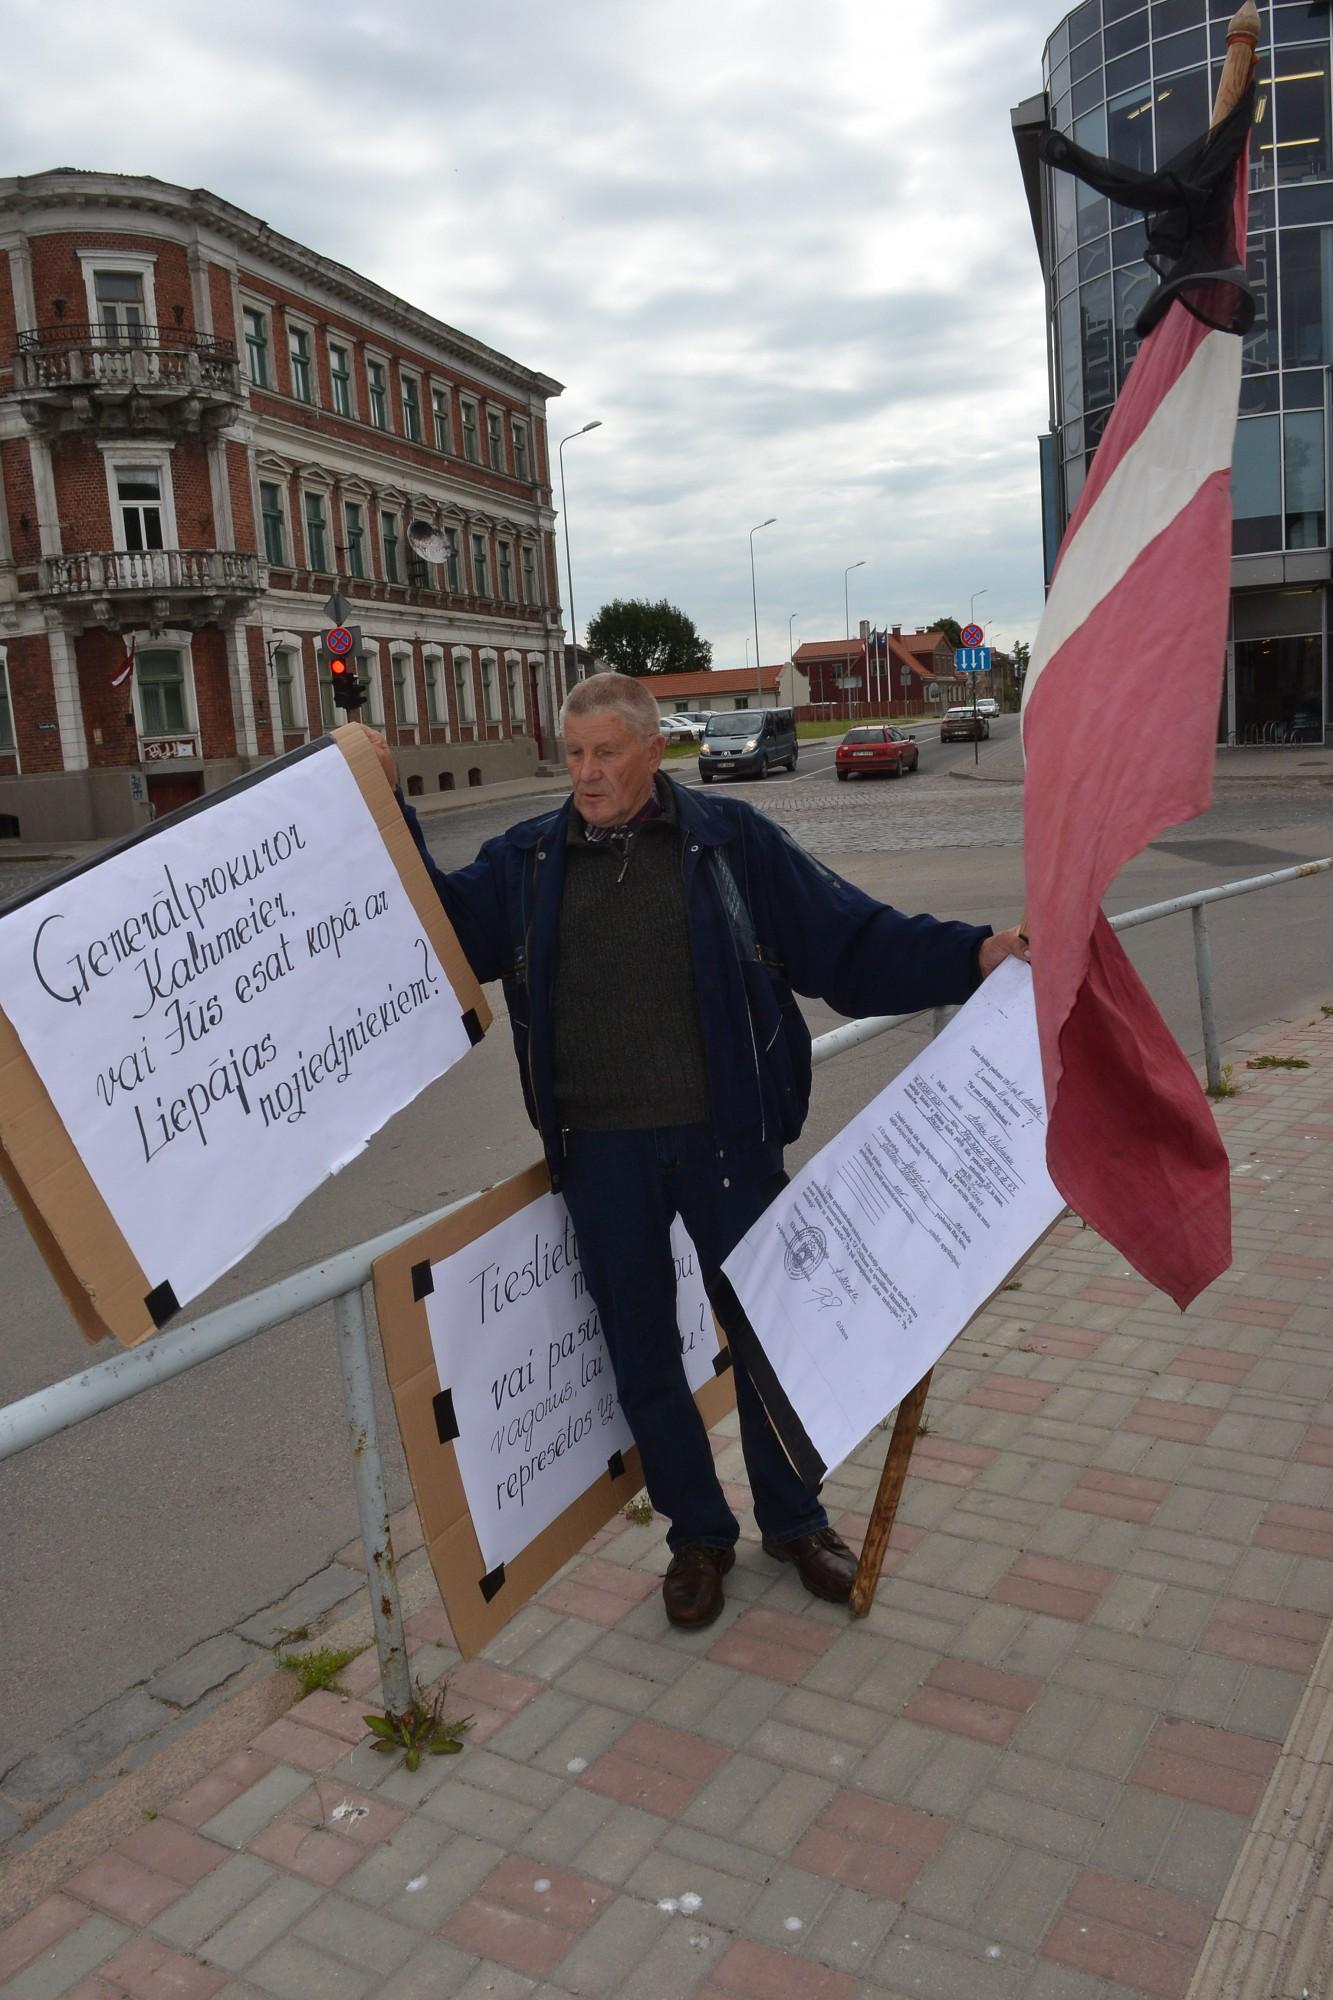 Protestē pret tiesu sistēmu